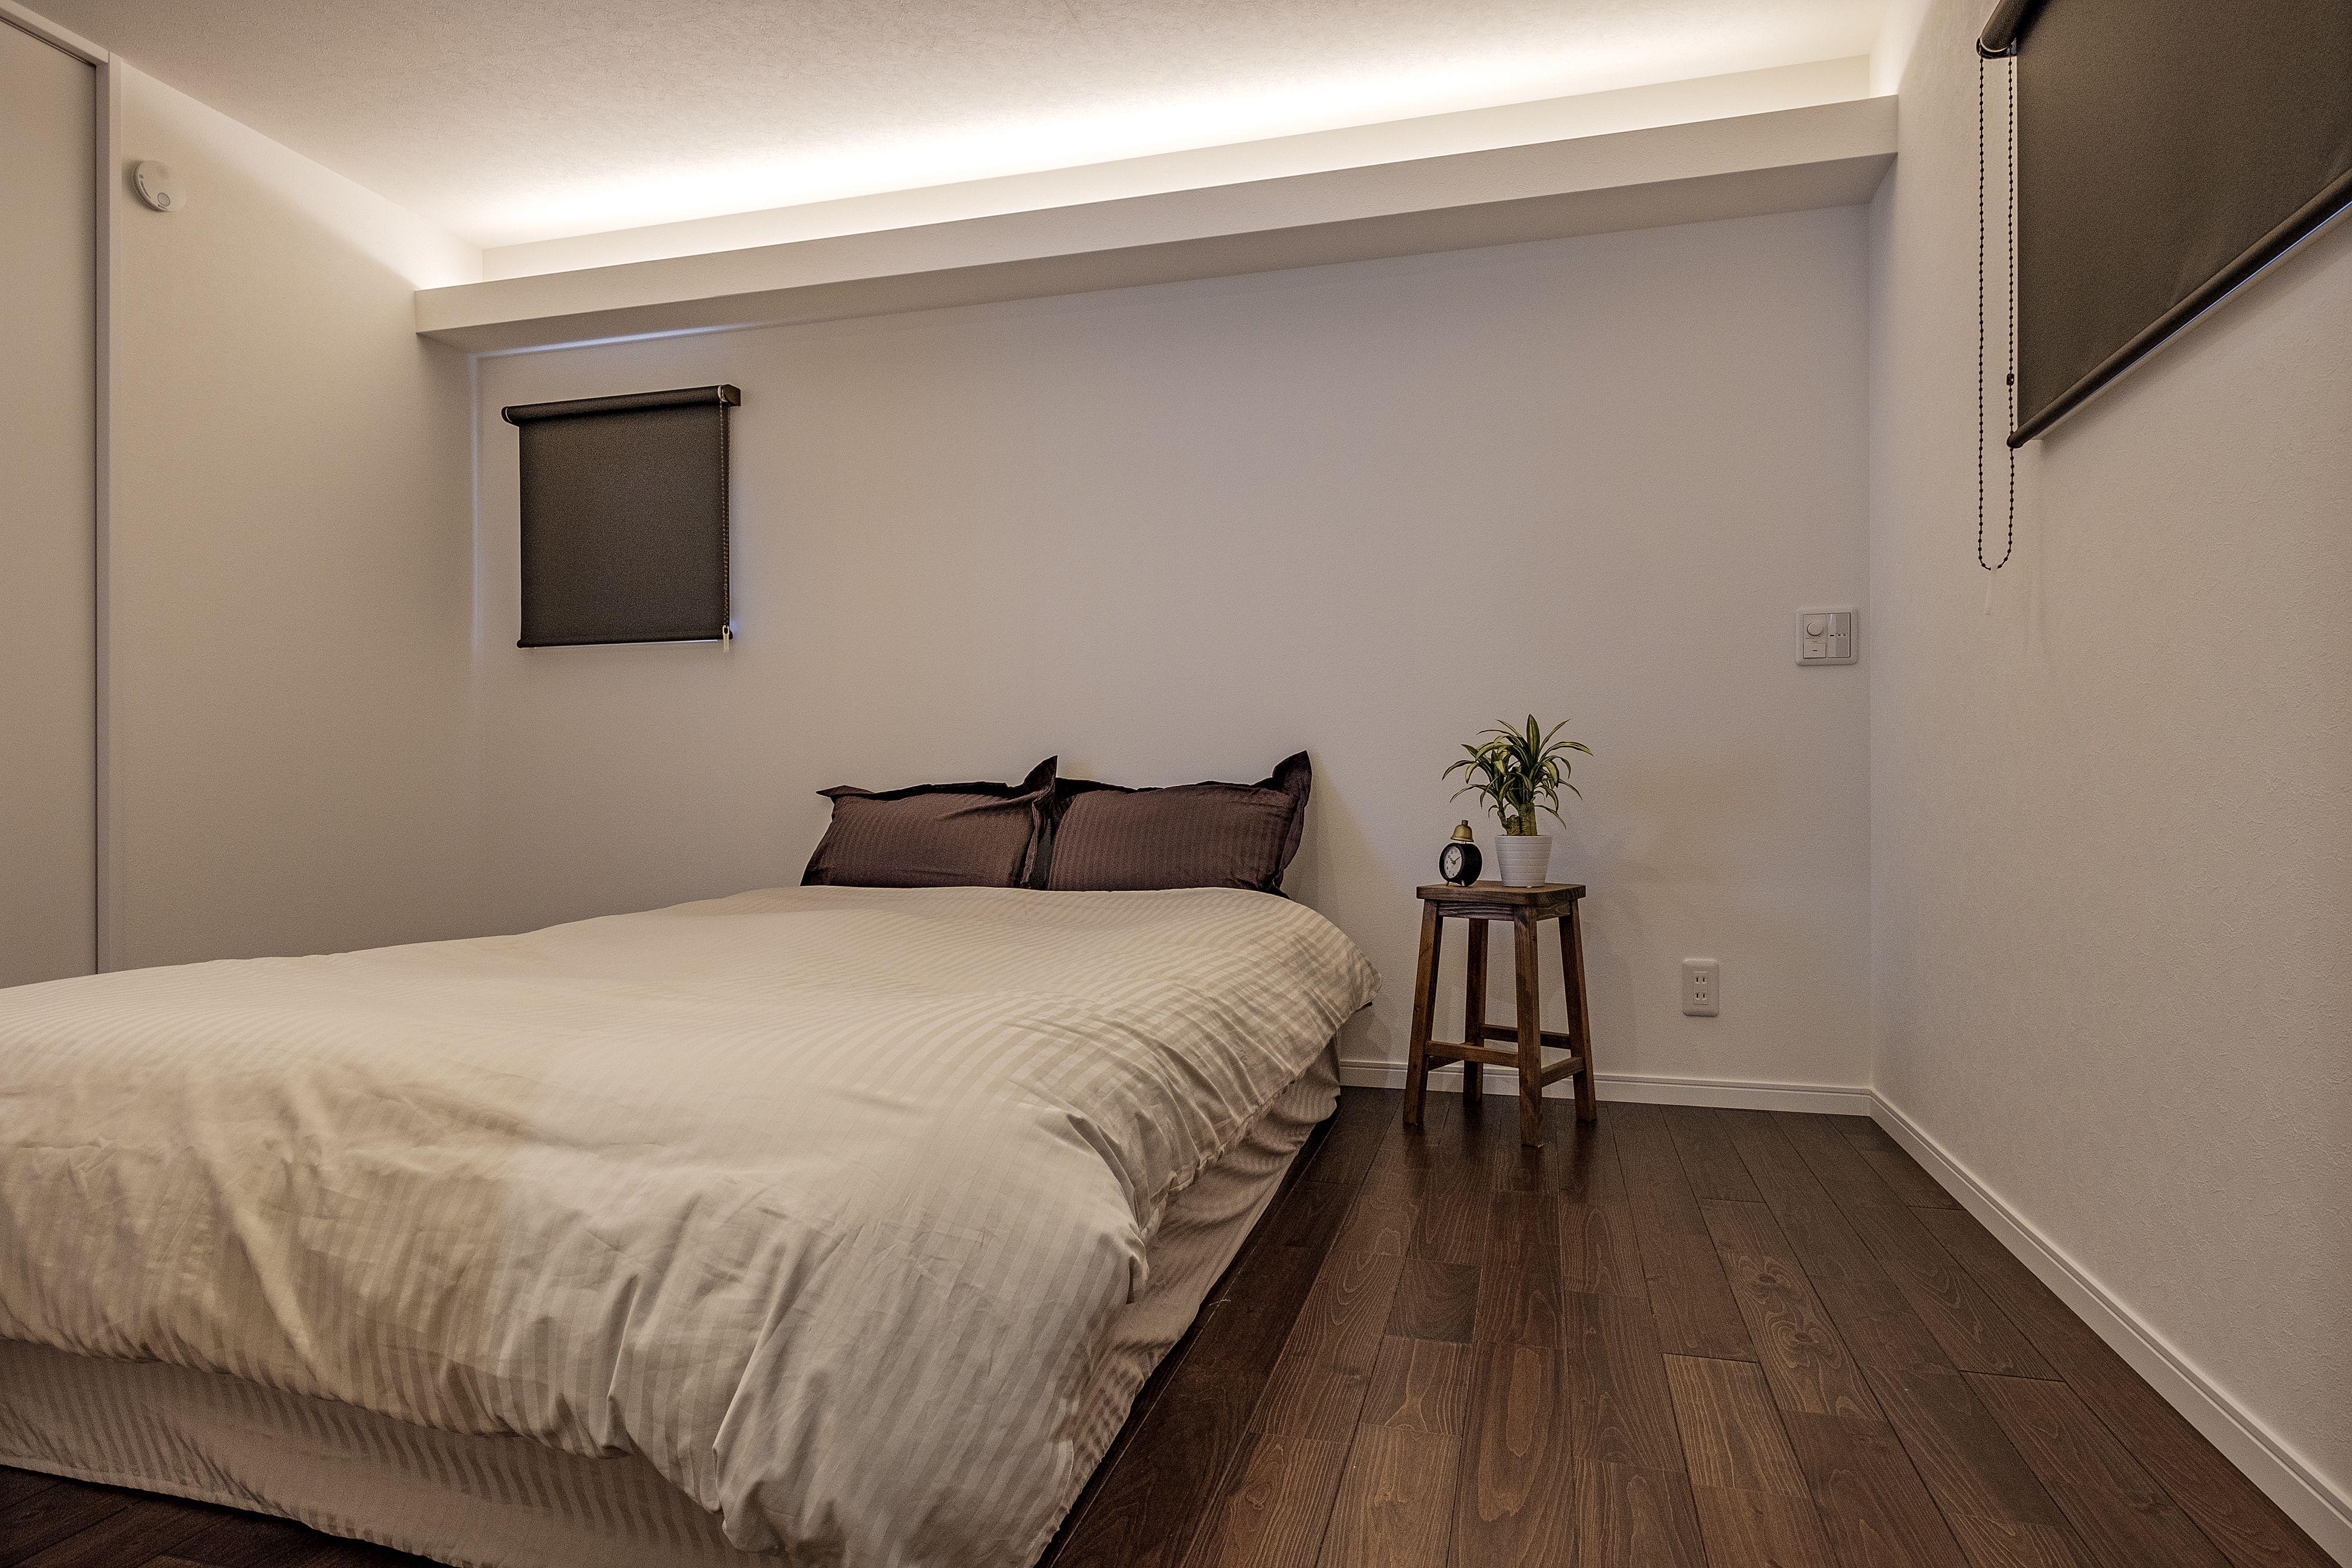 主寝室を照らす間接照明 主寝室 寝室 自宅で